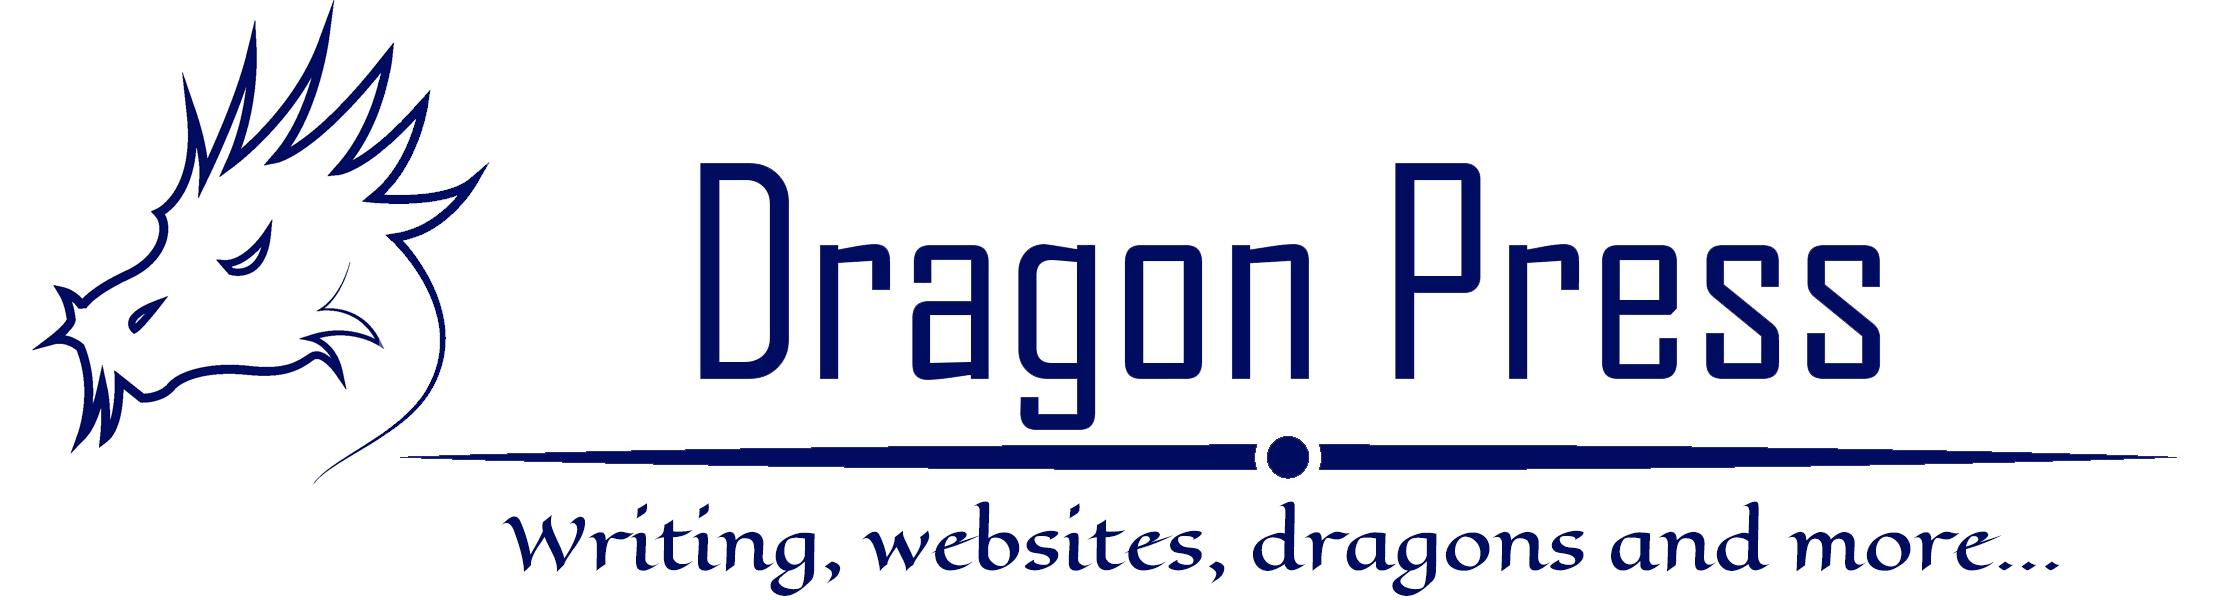 Dragon Press